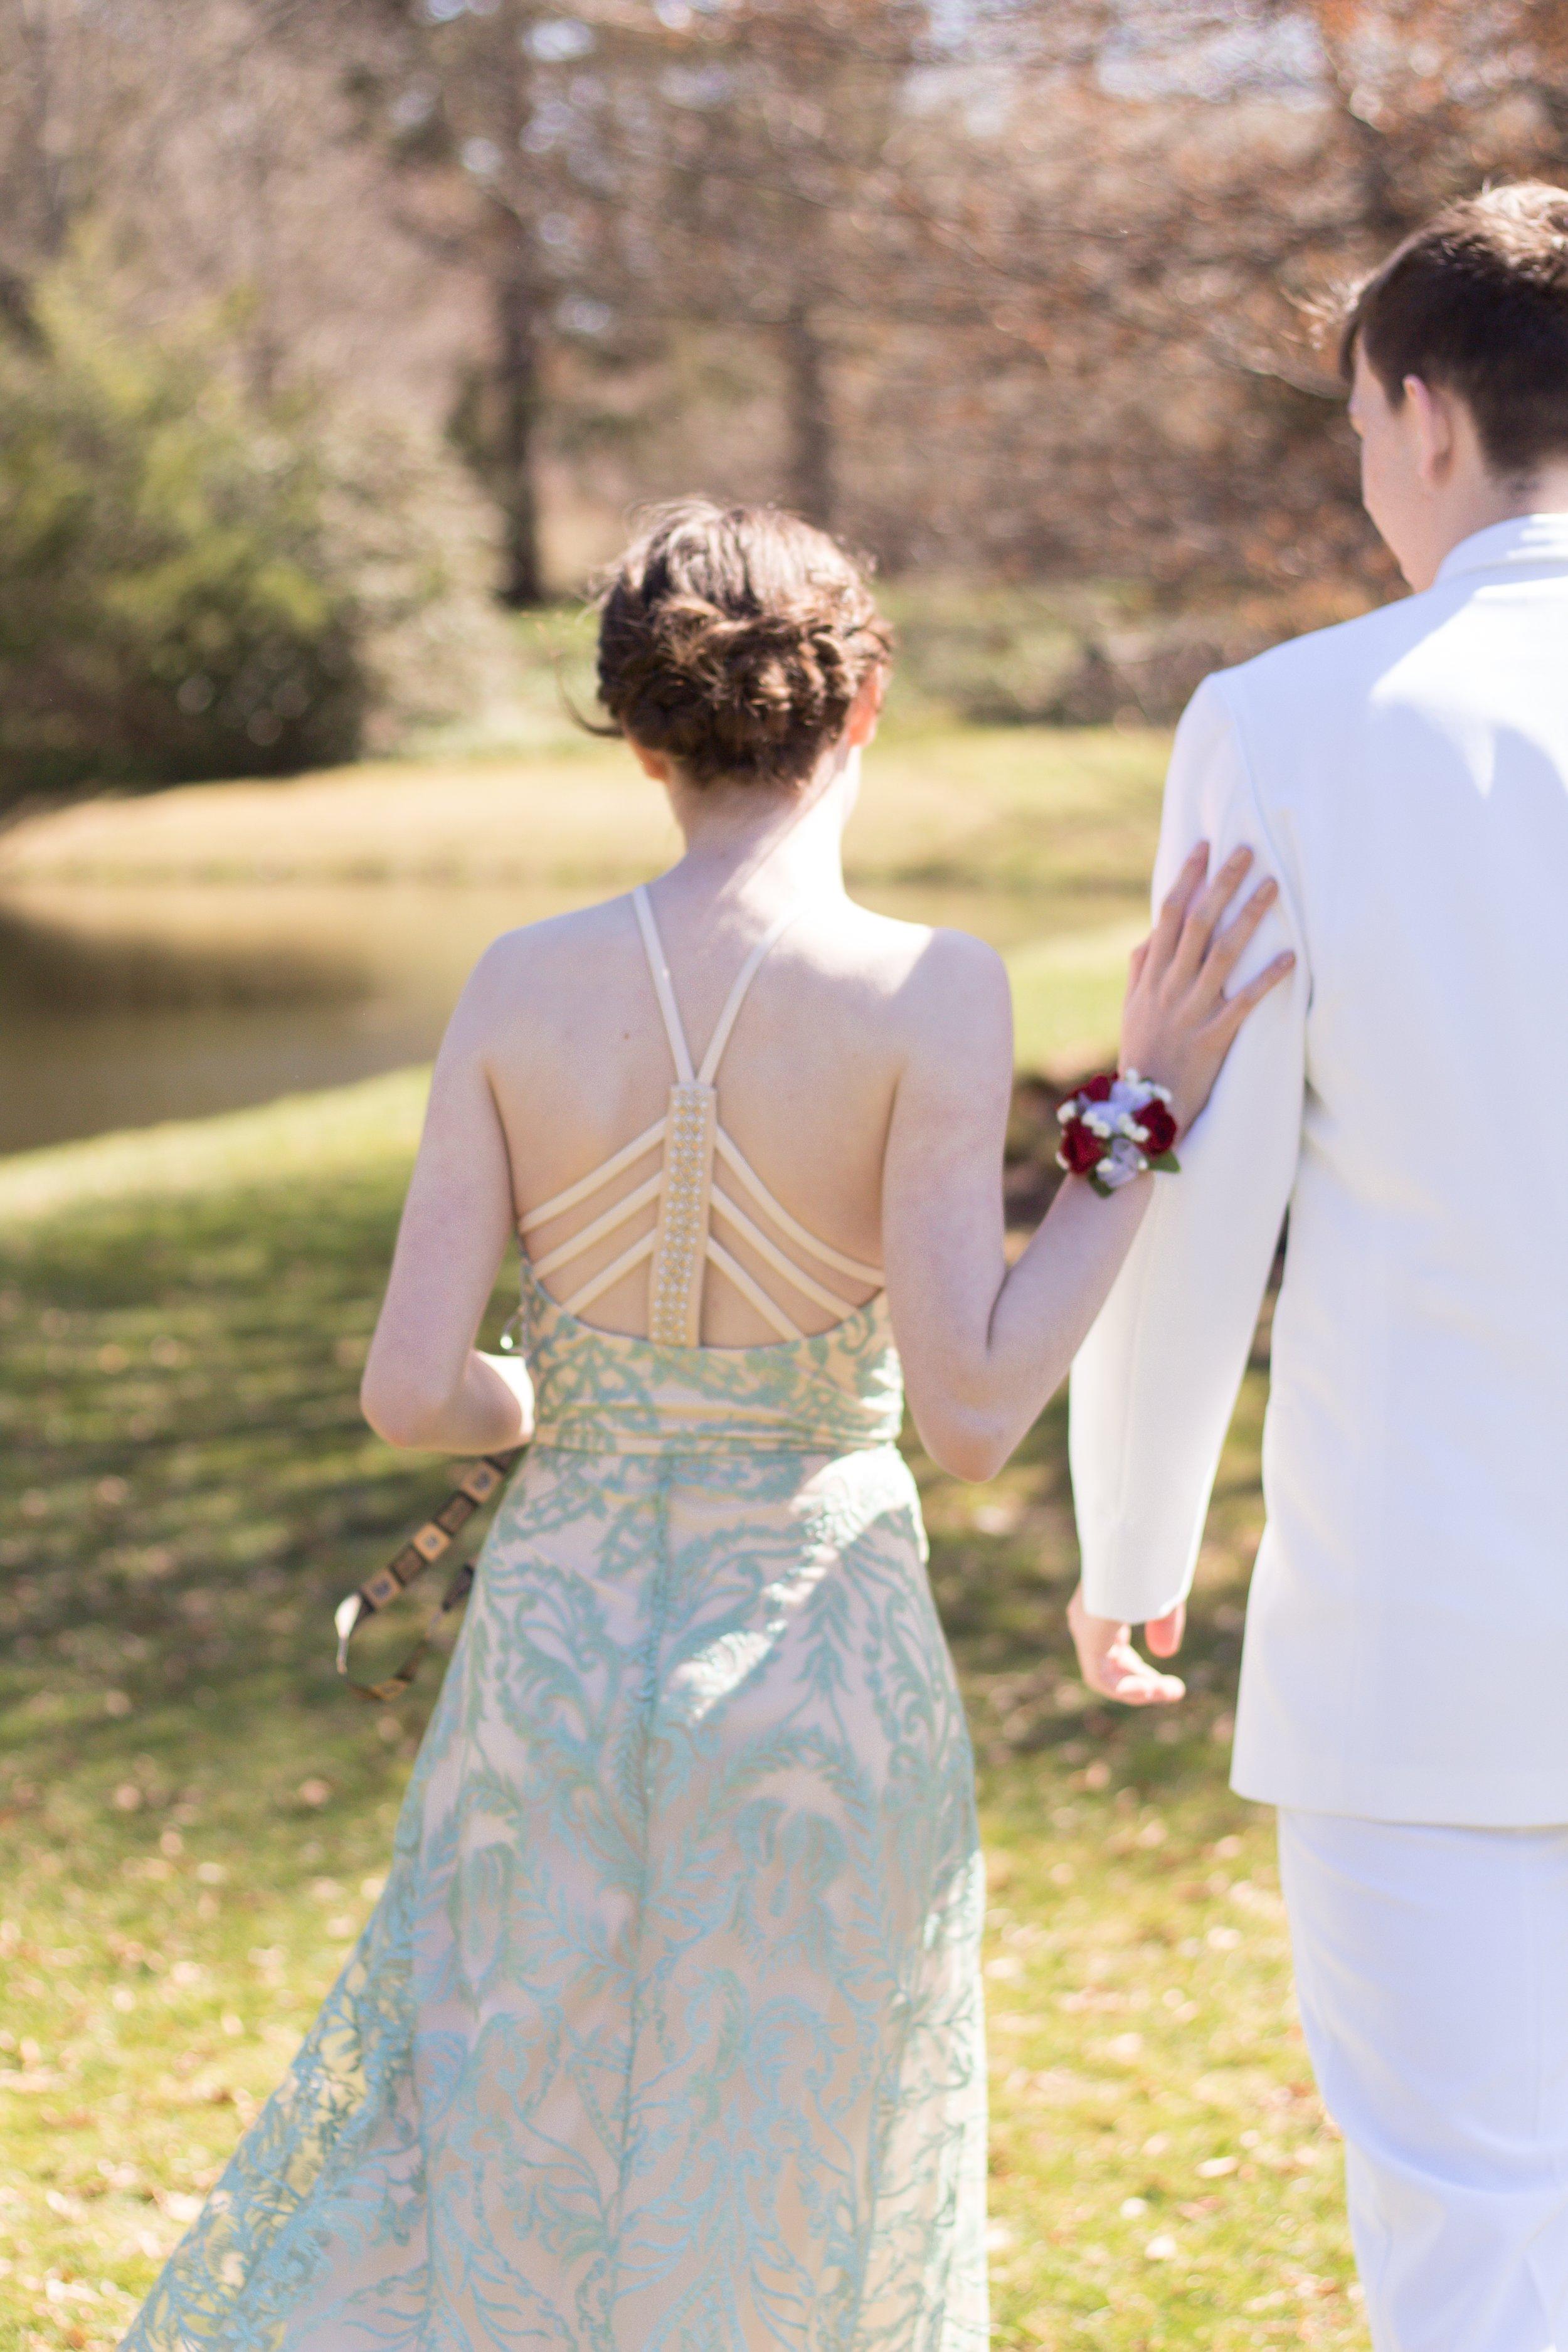 Prom Thomas and Em Thomas (15).jpg